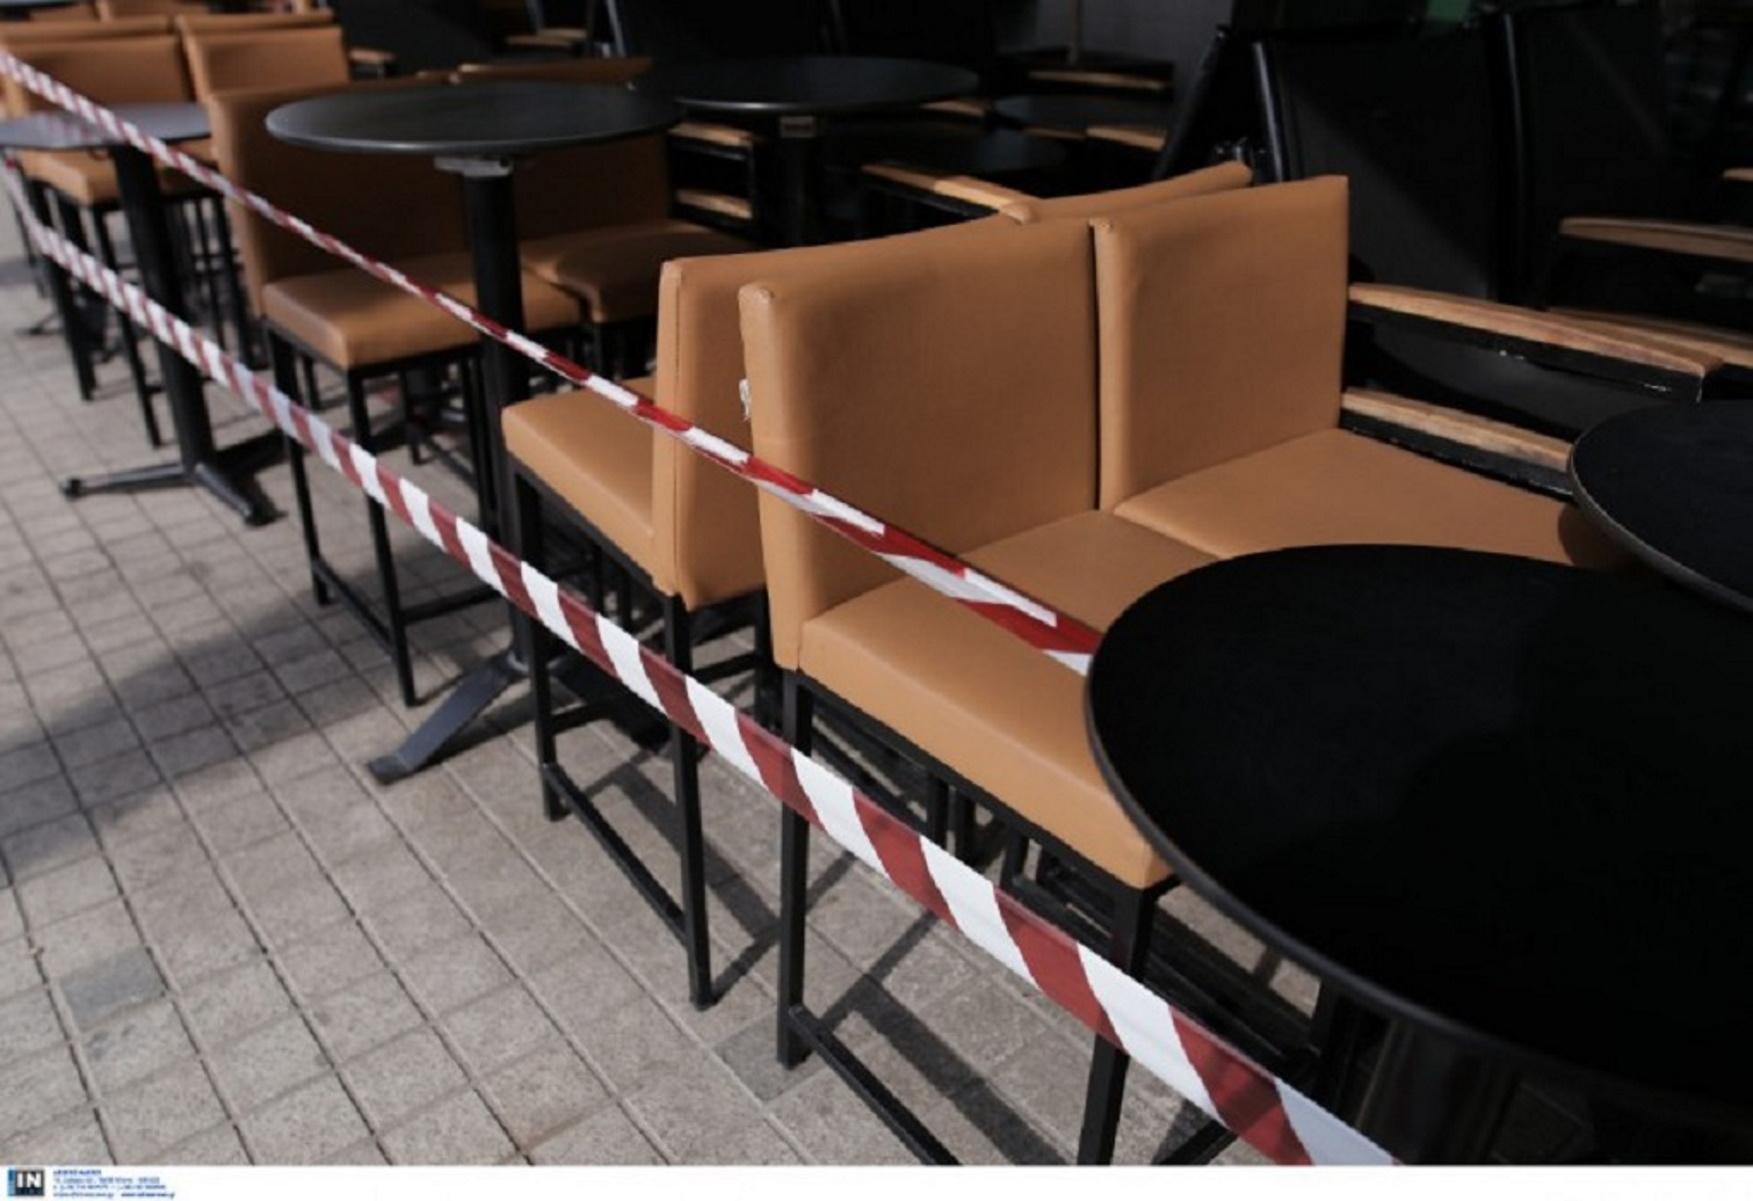 Μαγνησία: Με φουλ πληρότητες το άνοιγμα της εστίασης – Ποια εστιατόρια θα παραμείνουν κλειστά